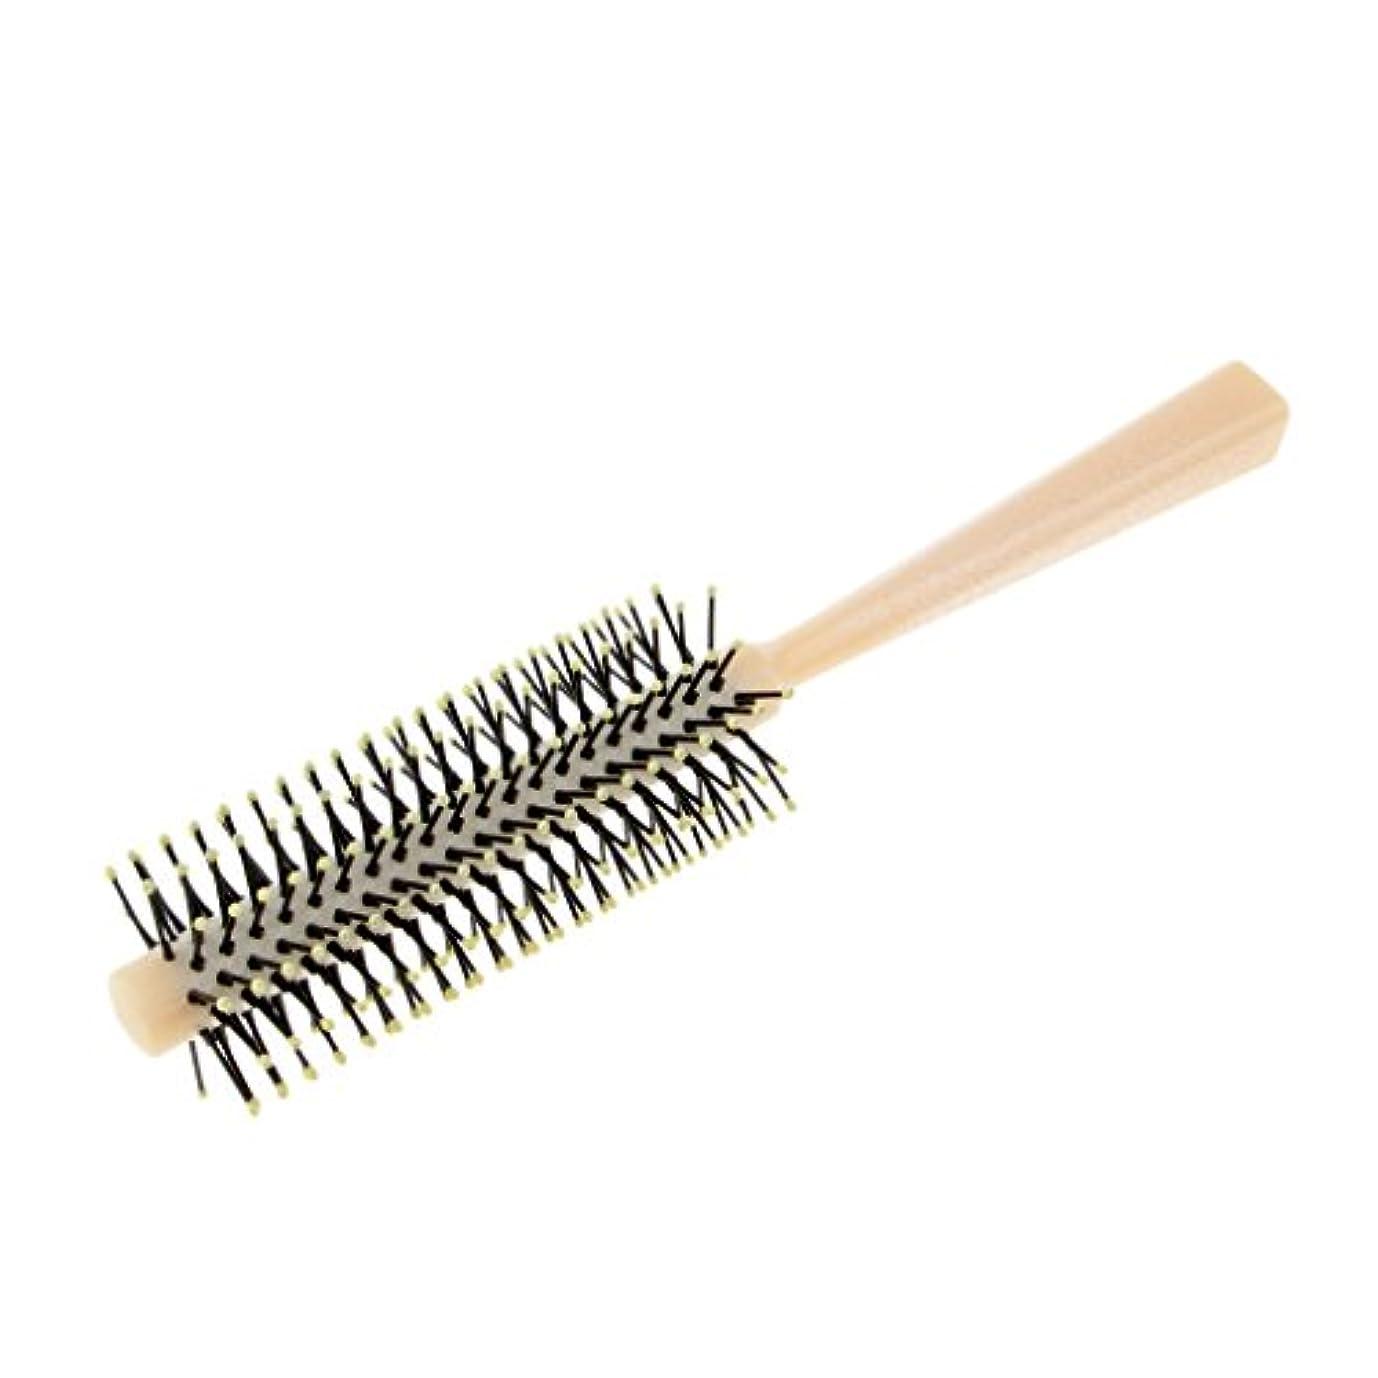 アラブサラボ傷跡たっぷりヘアブラシ ロール ロールブラシ 頭皮マッサージ カール 巻き髪 全2色 - 白